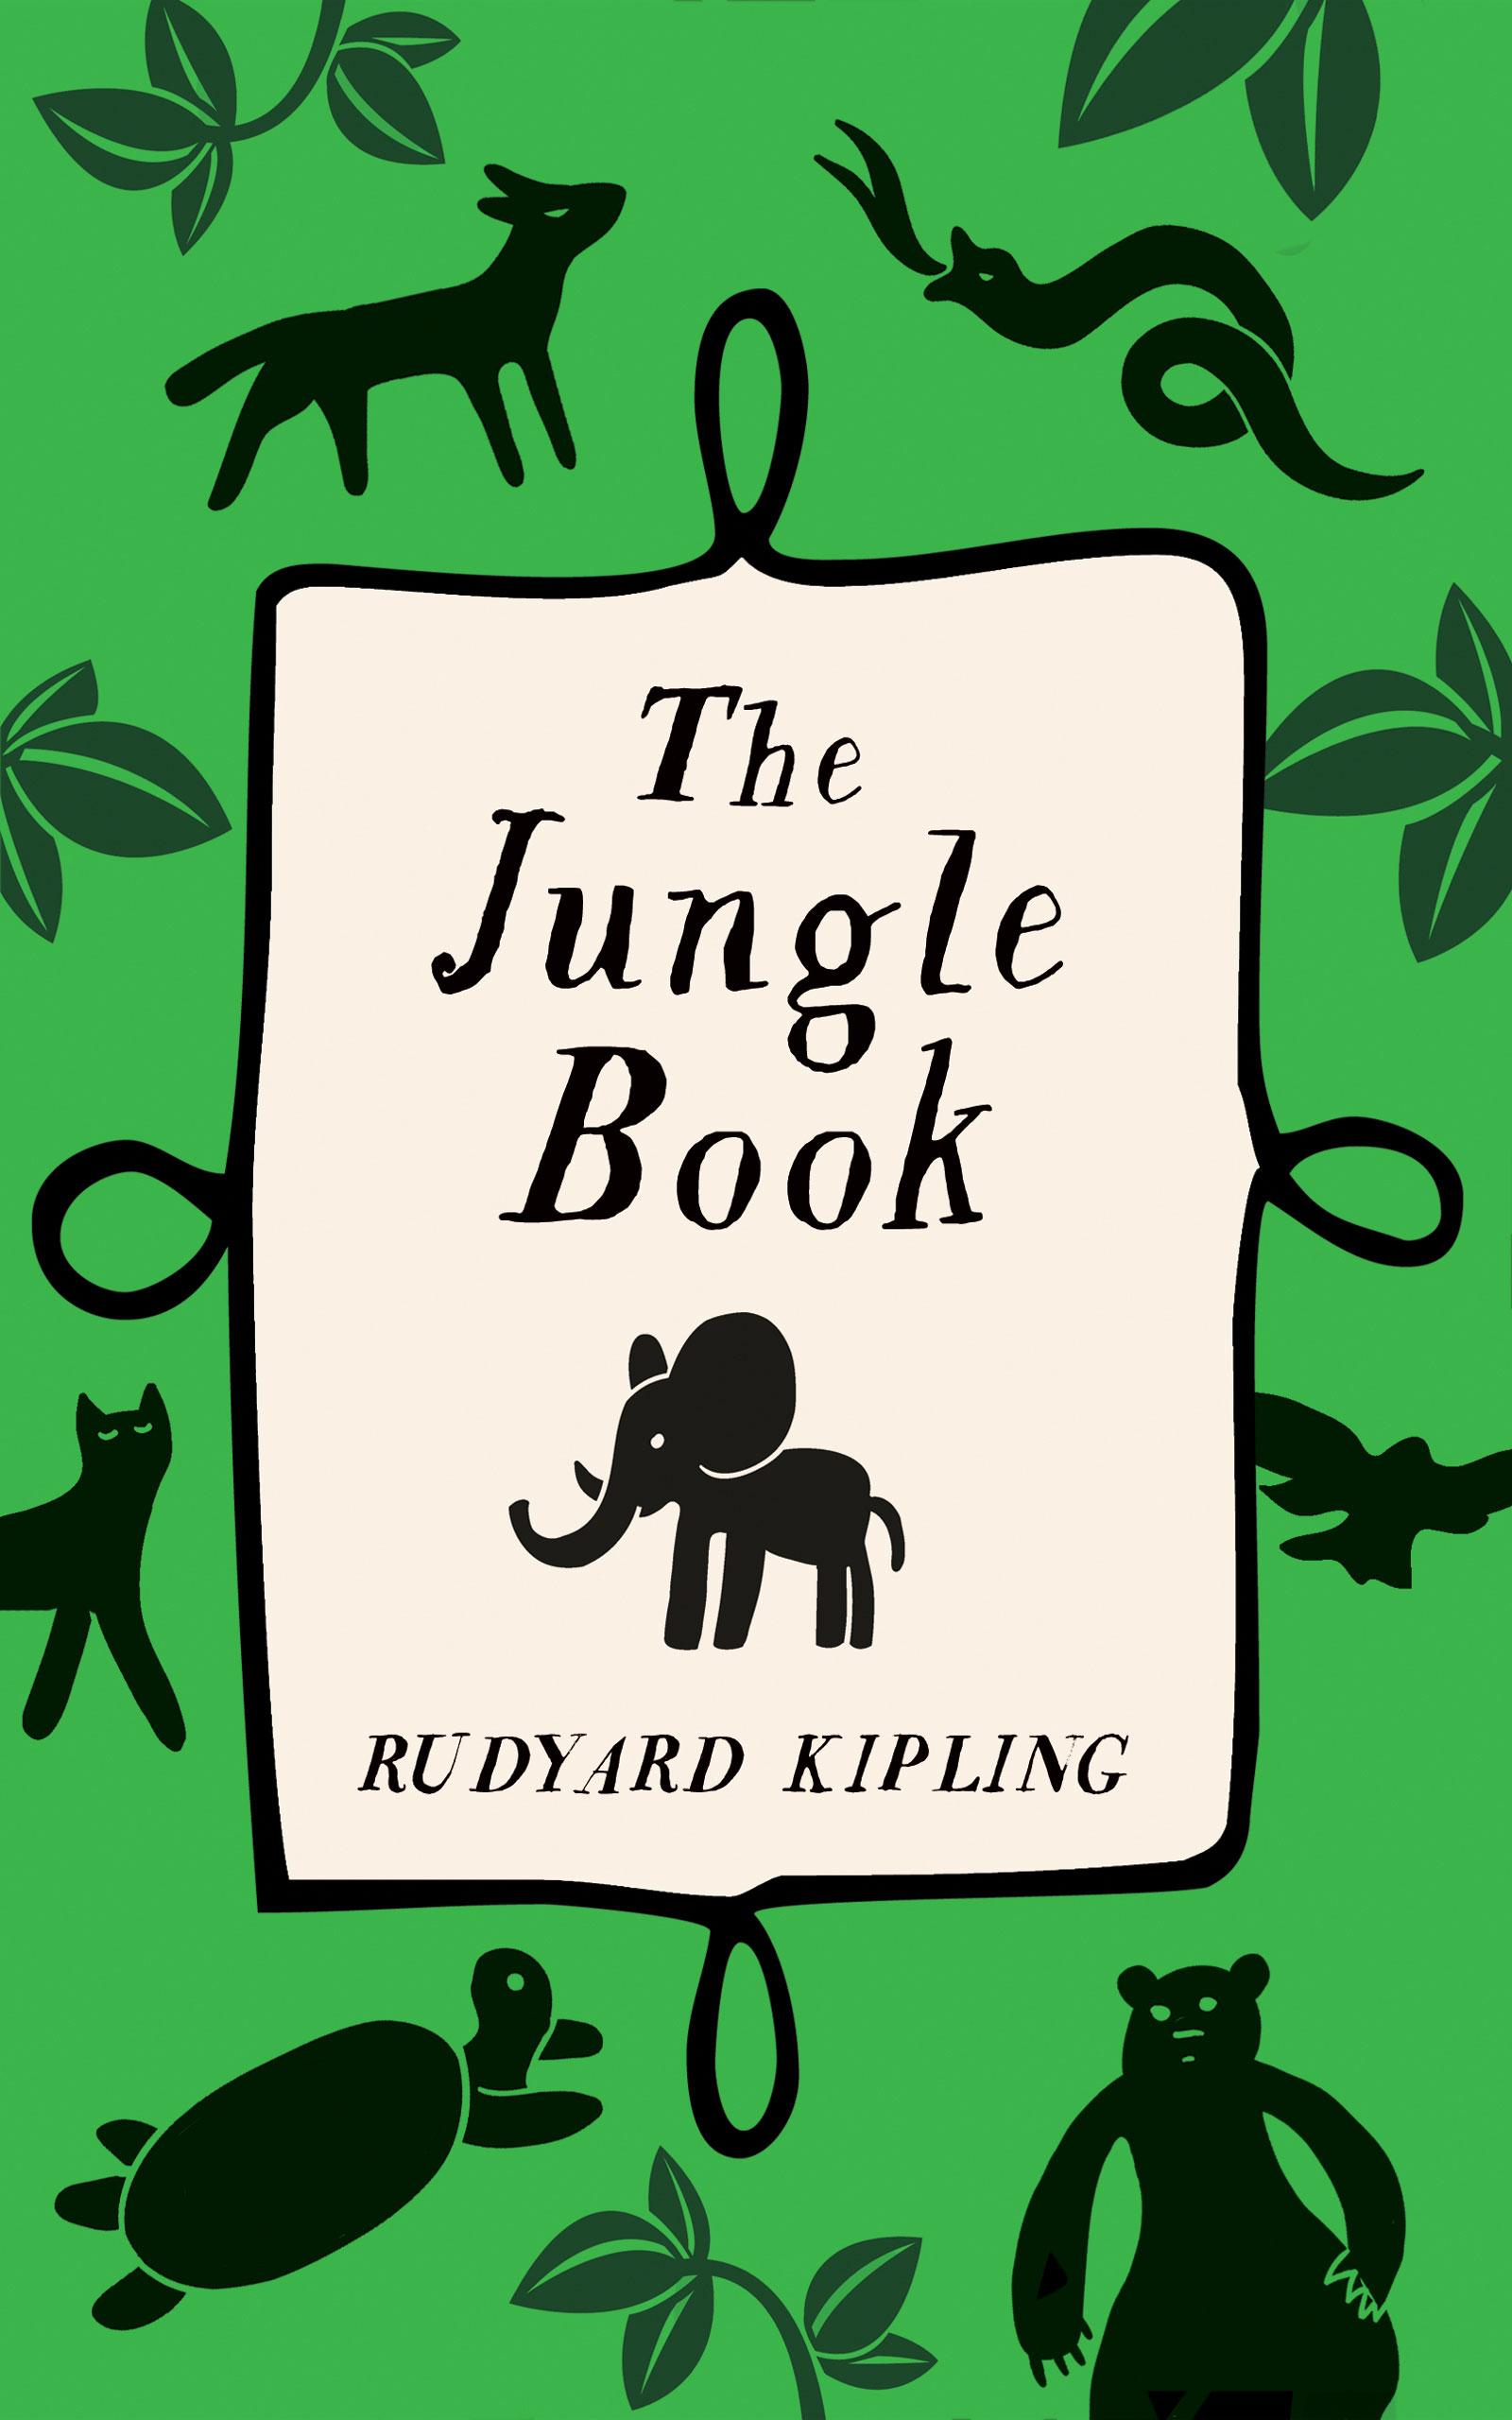 jungle book research paper Jungle book rudyard kipling essay writing help rudyard kipling book report and jungle book research paper the jungle book the jungle book by rudyard kipling.